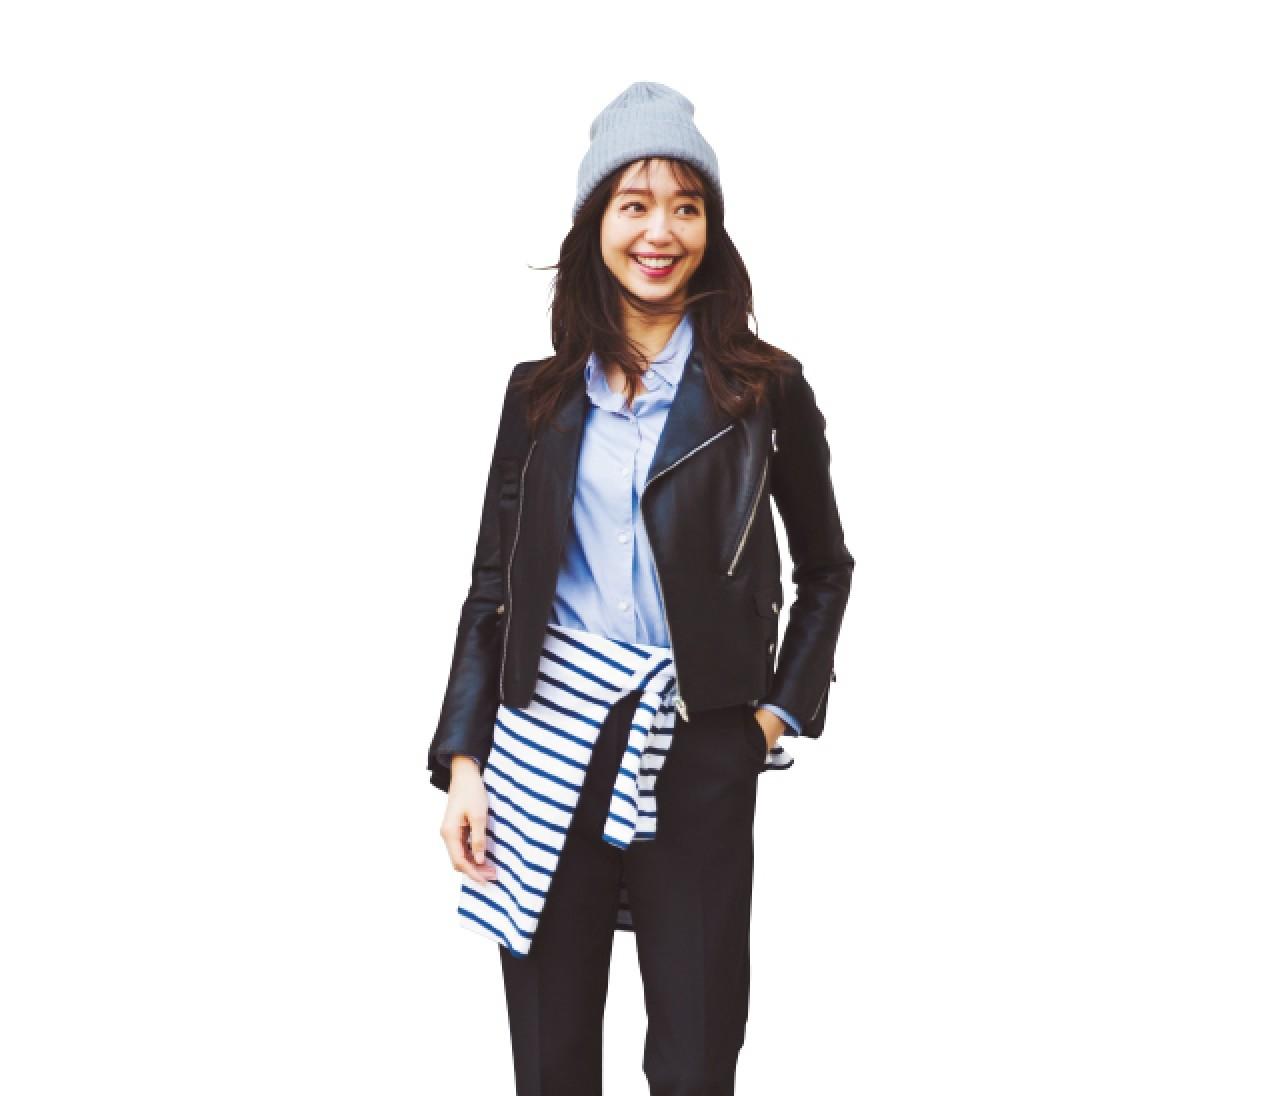 美術鑑賞する日は、モダンなブラック&ブルーの着こなしで♡【2019/1/13のコーデ】